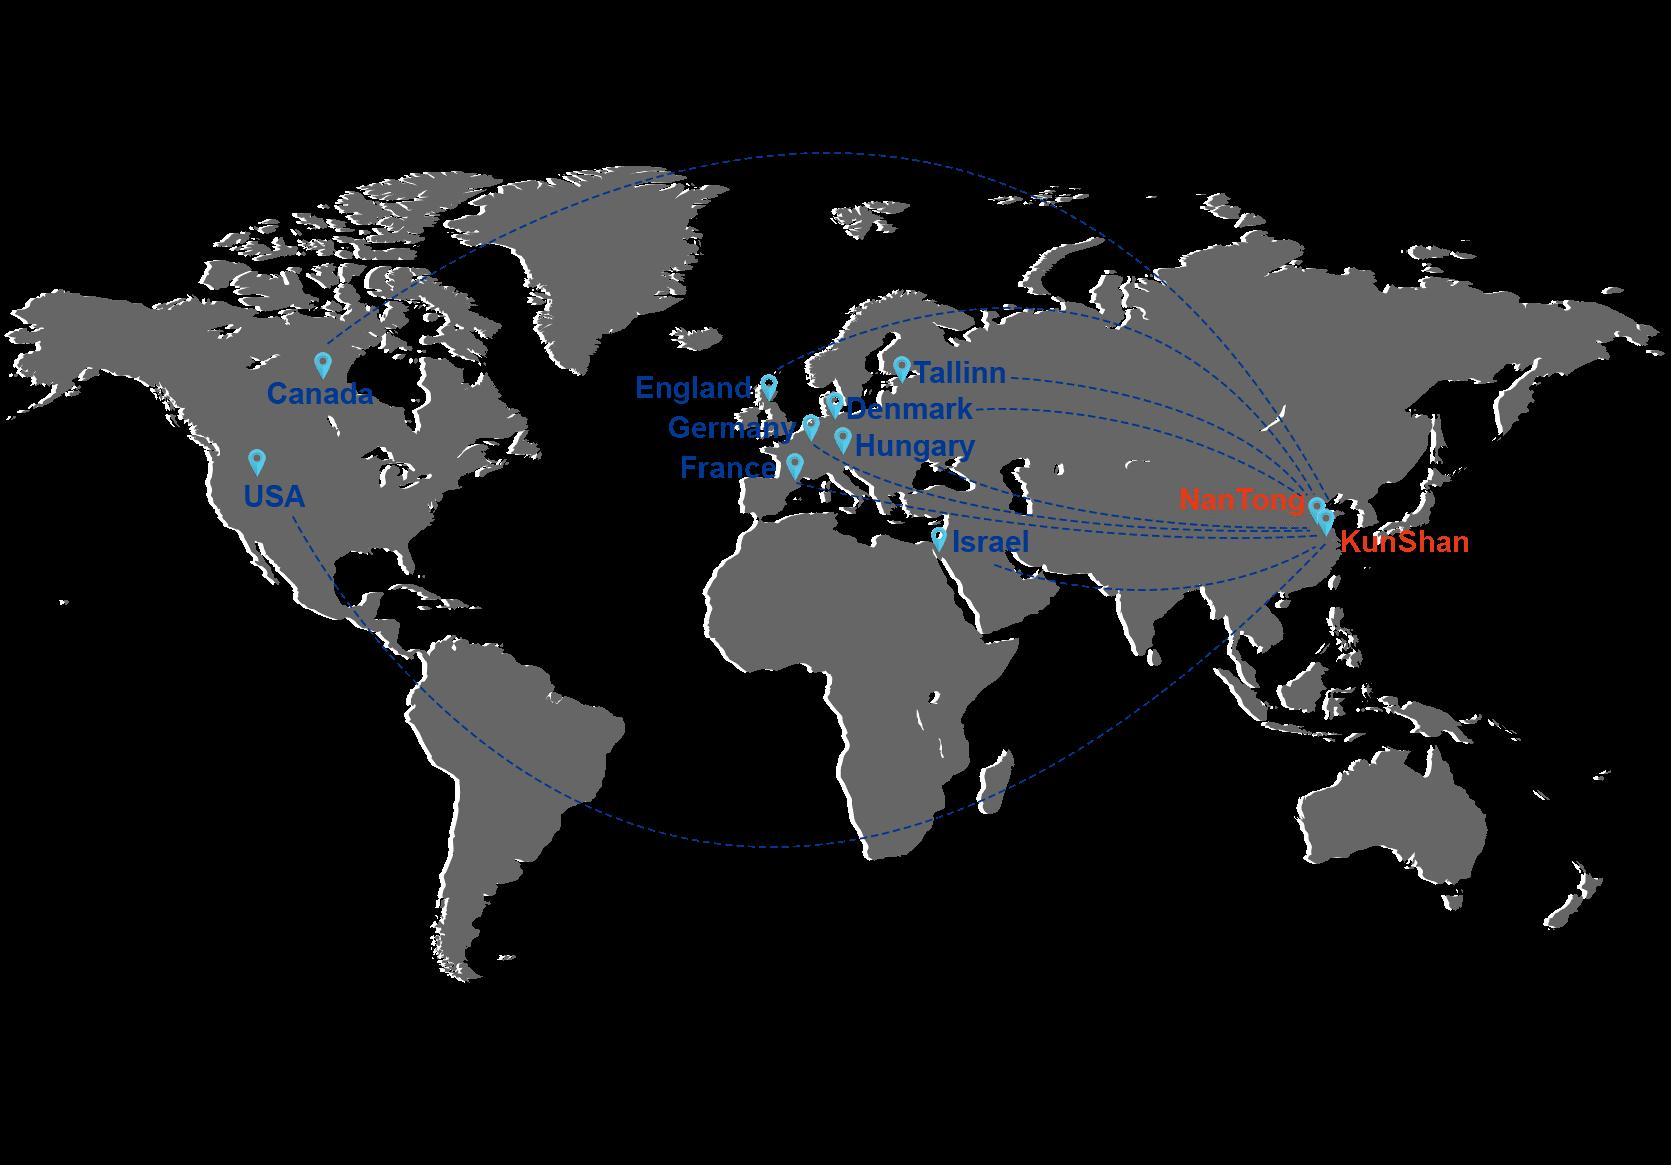 sunrise metal's exporting map